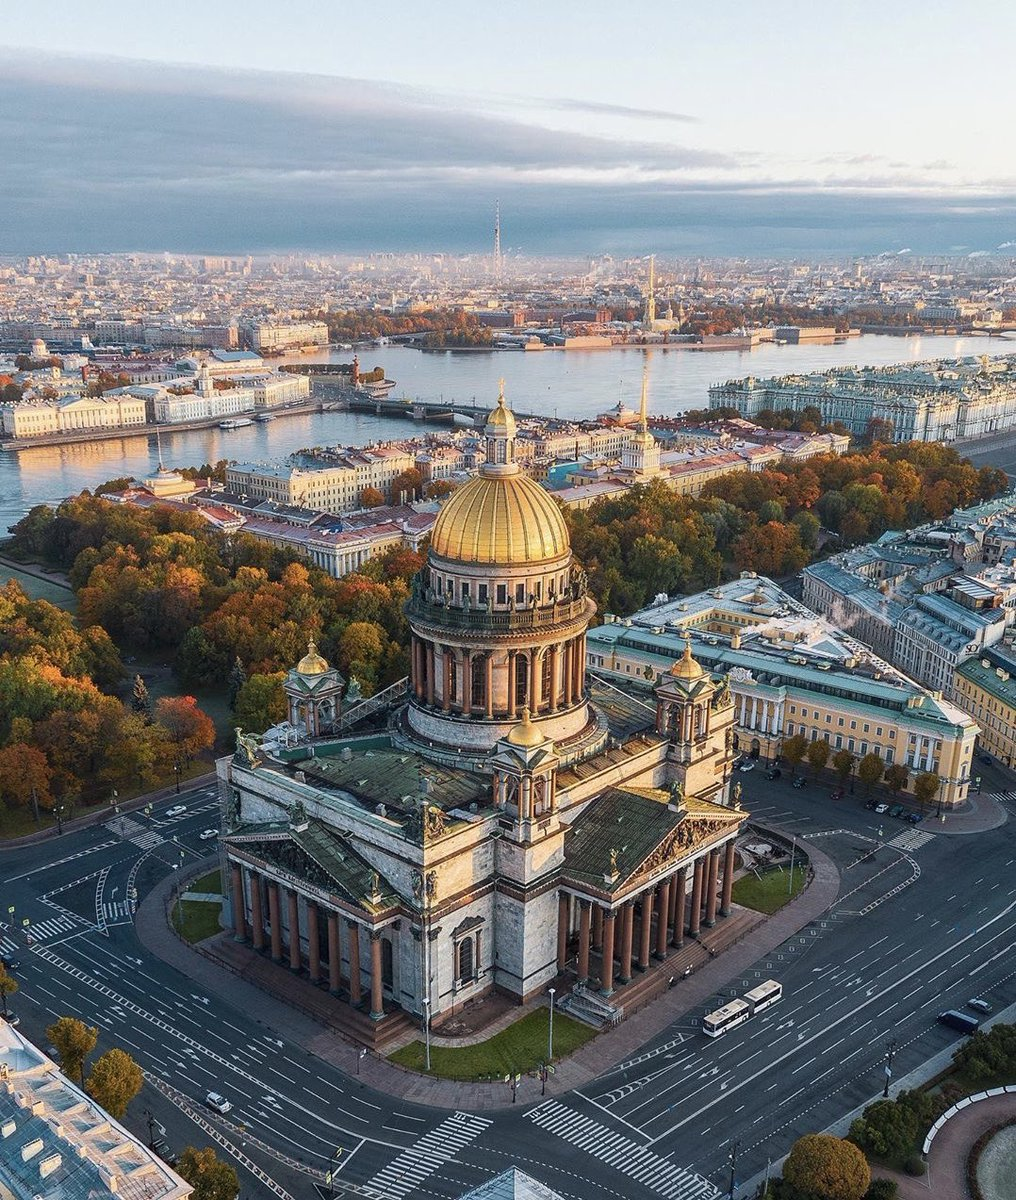 Топ-10 интересных событий в Санкт-Петербурге на выходные 12 и 13 мая | 1200x1016